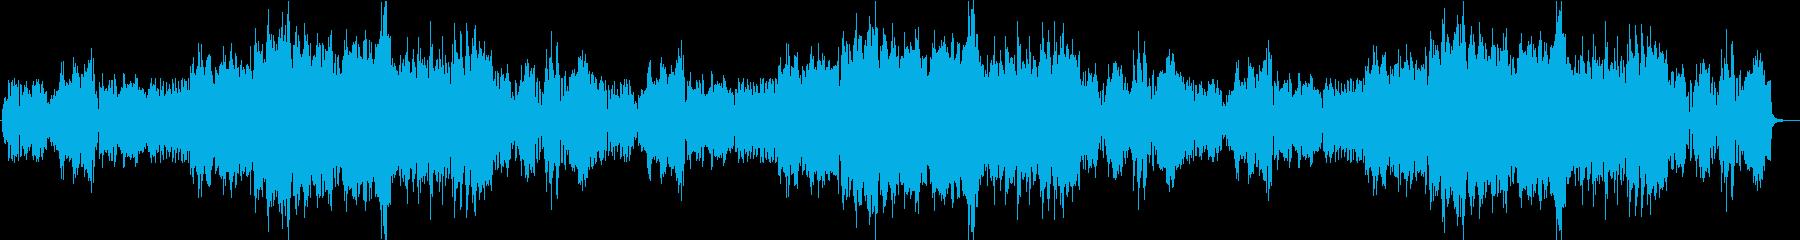 RPGゲームの最初の村のような曲の再生済みの波形